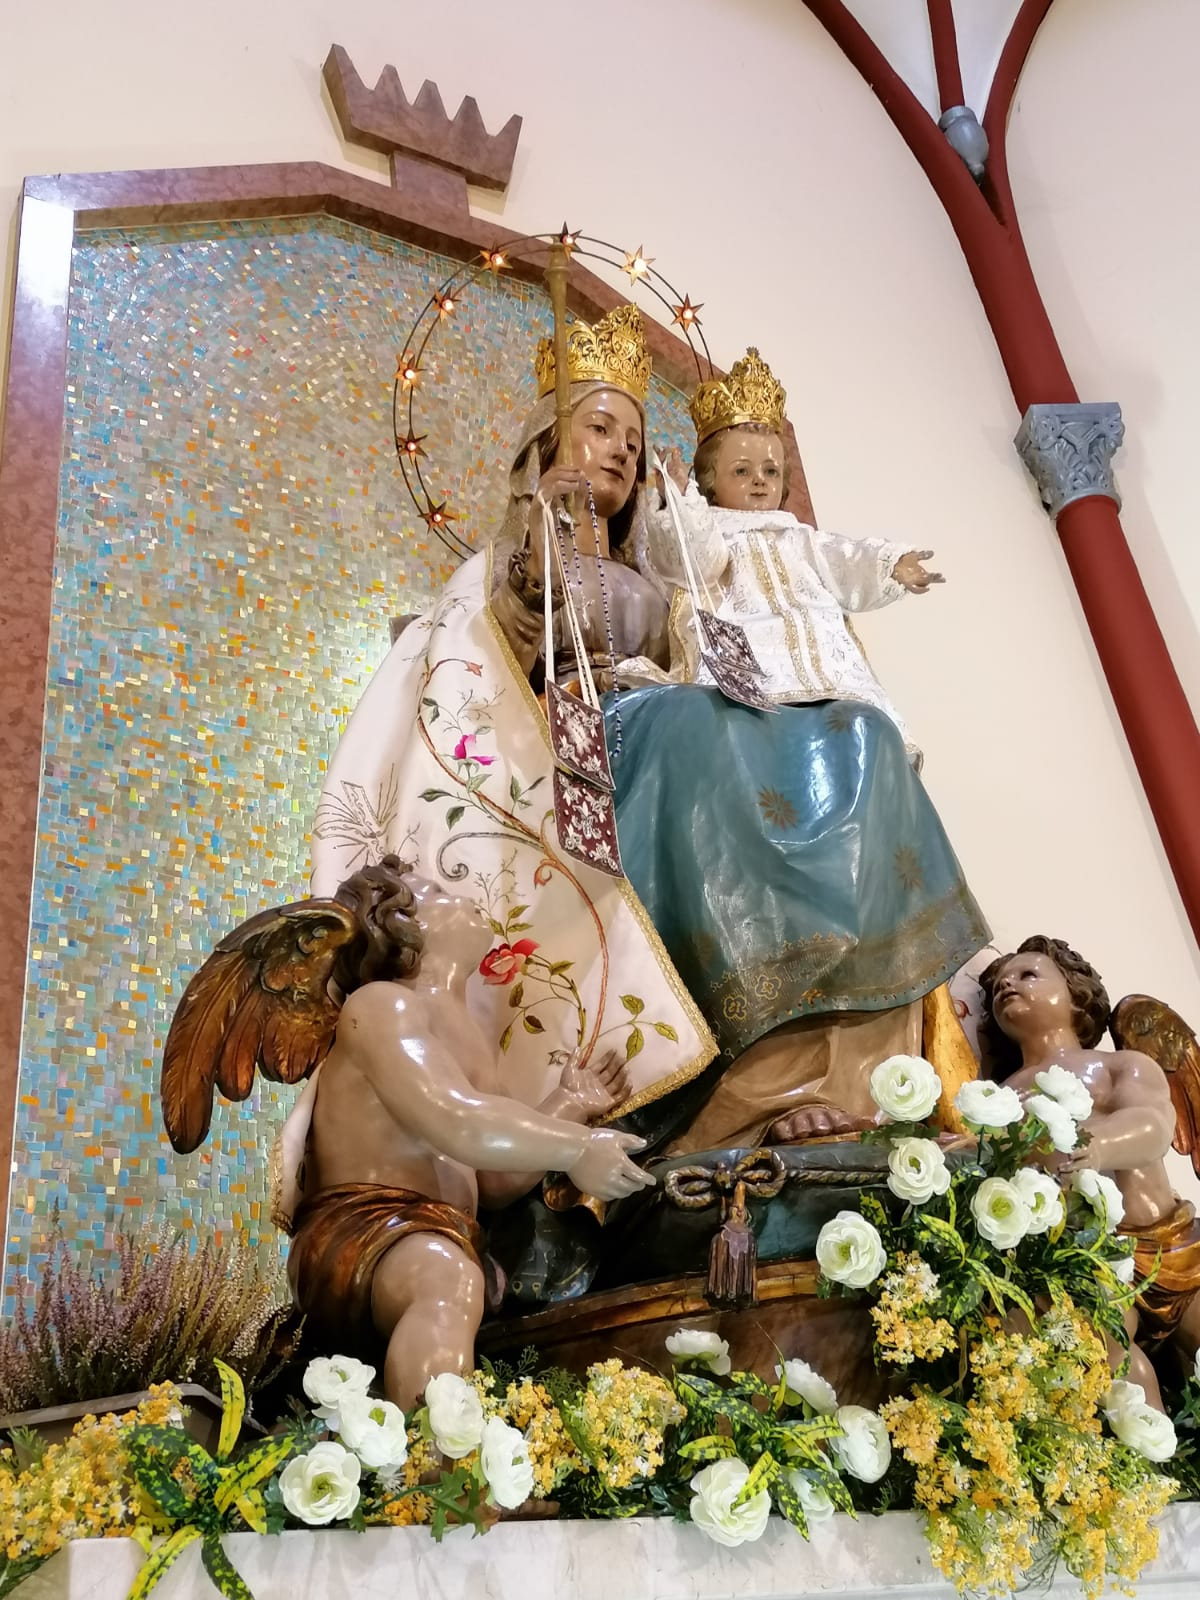 Statua di legno di Maria e Gesù bambino